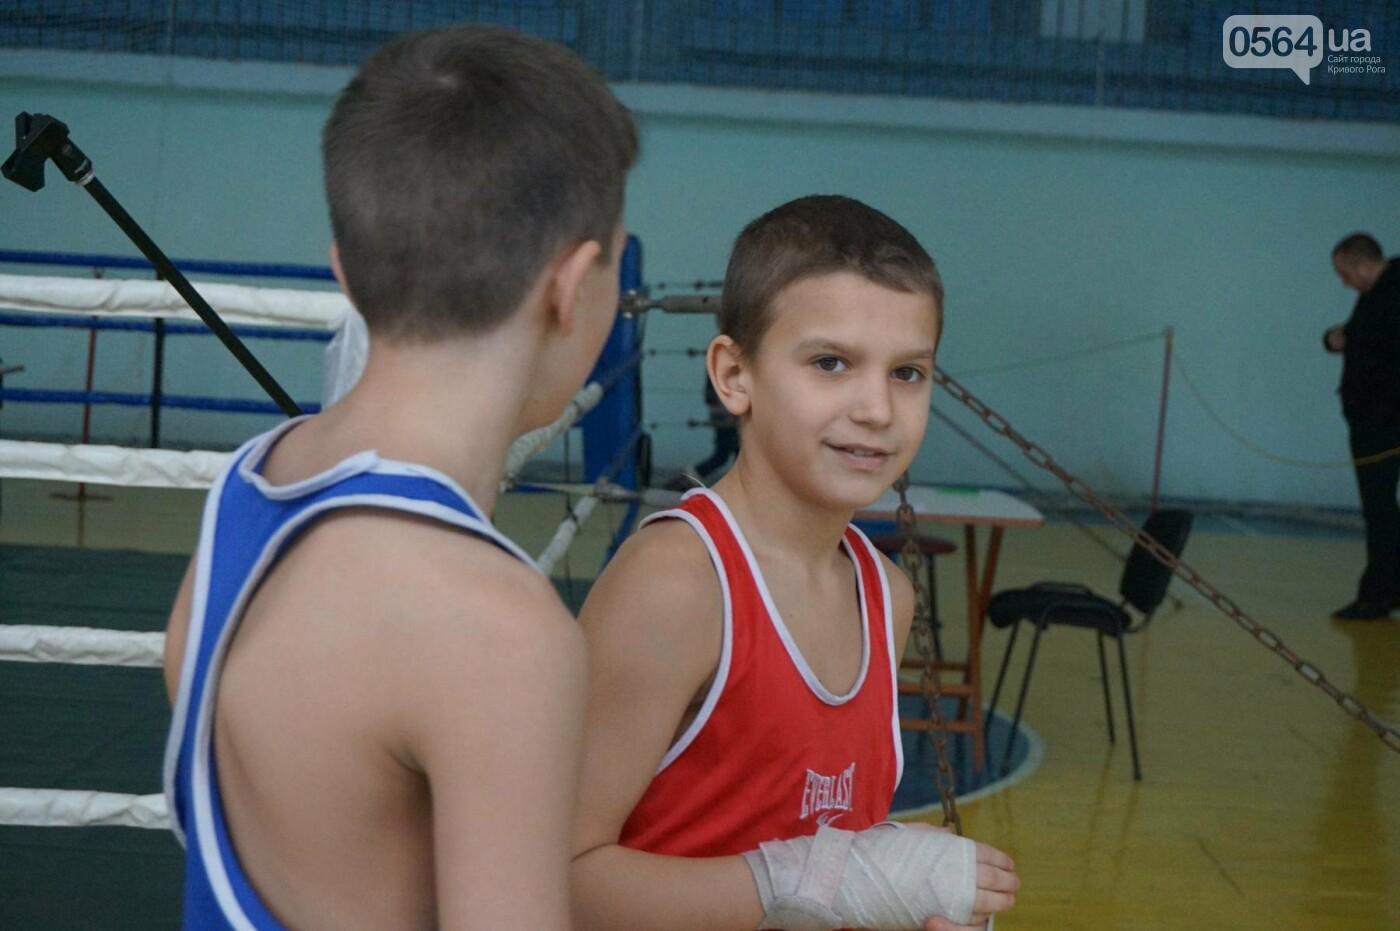 В Кривом Роге состоялся Международный турнир по боксу (ФОТО, ВИДЕО), фото-22